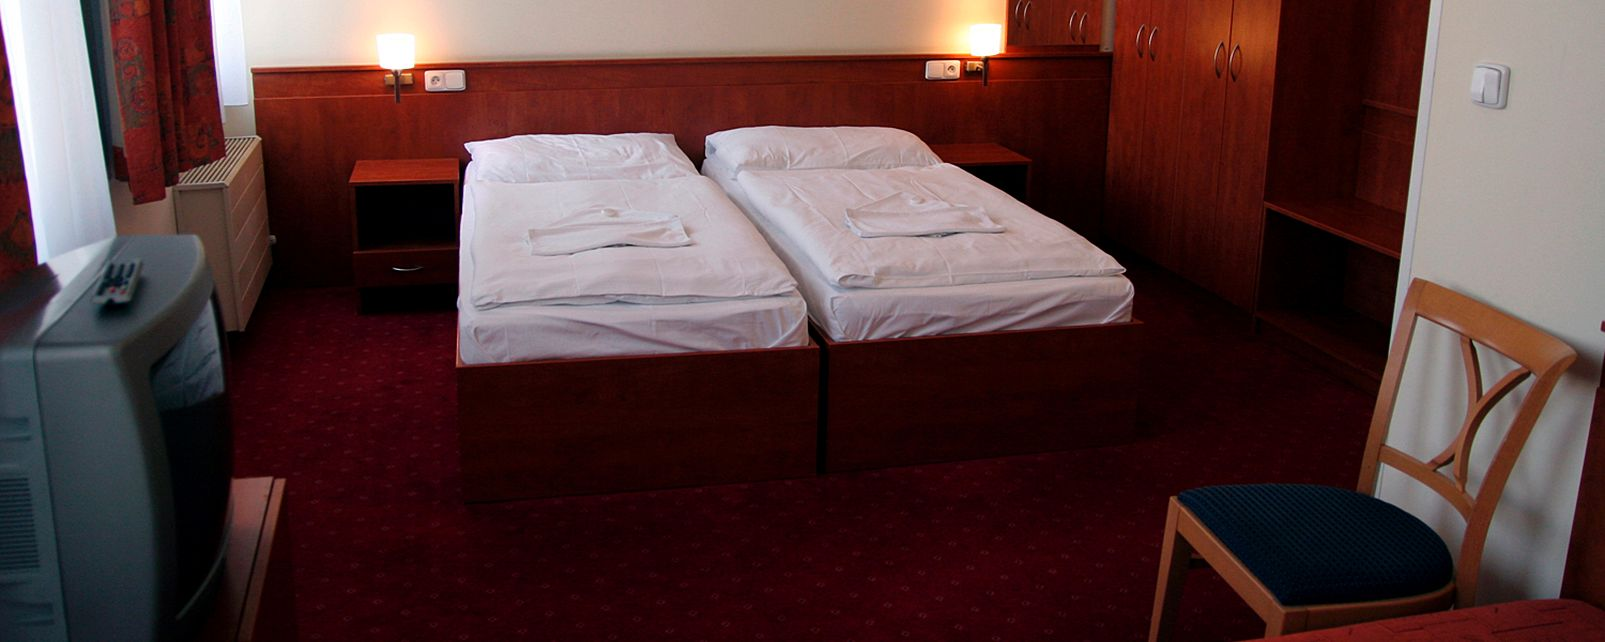 Hotel Beranek